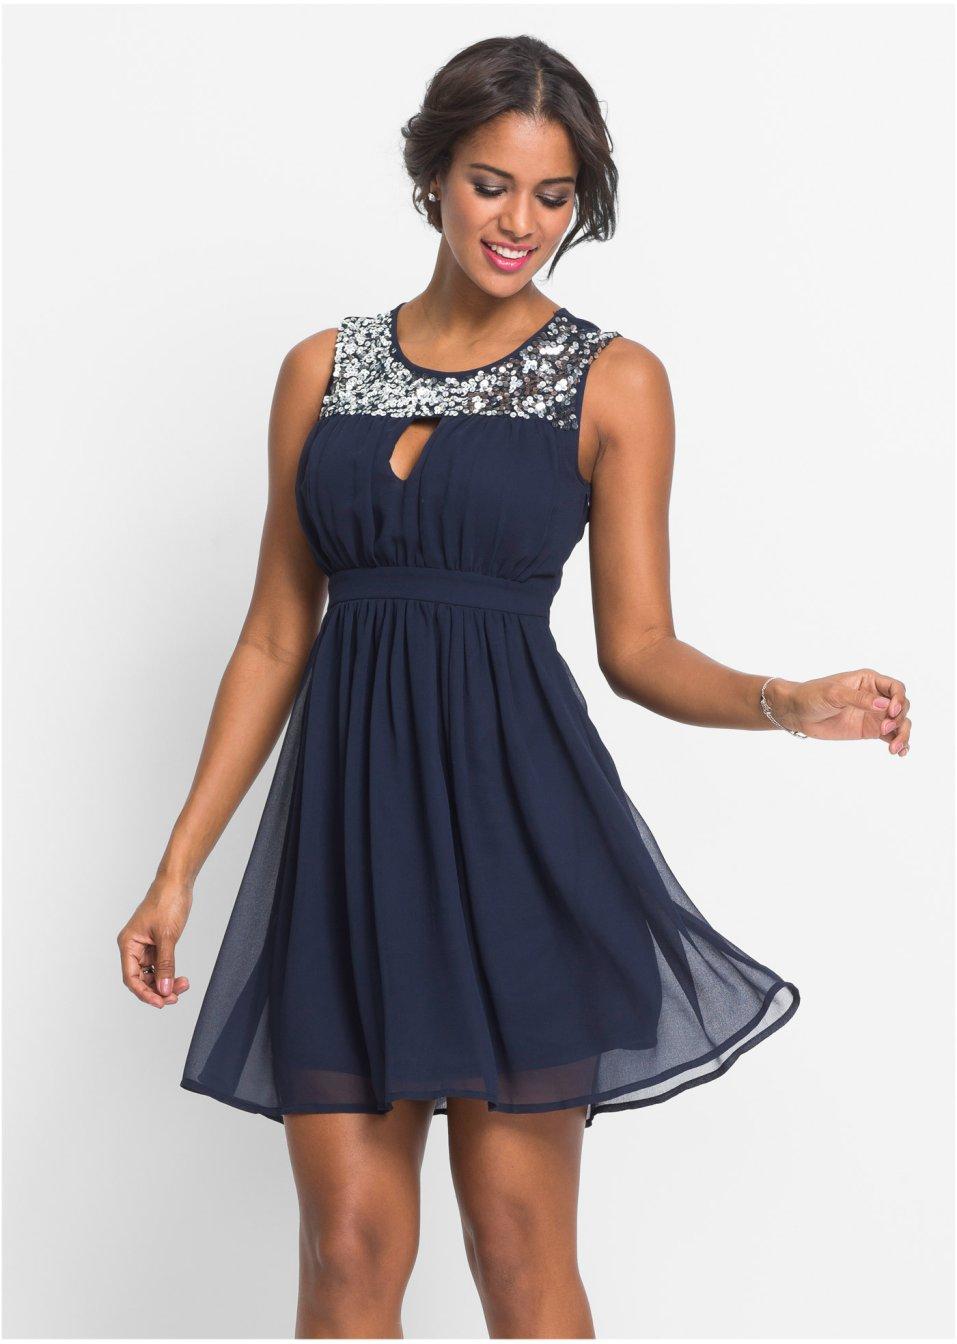 ff5dc9a9459d Festklänning med paljettinfällning blå - BODYFLIRT boutique köp online -  bonprix.se